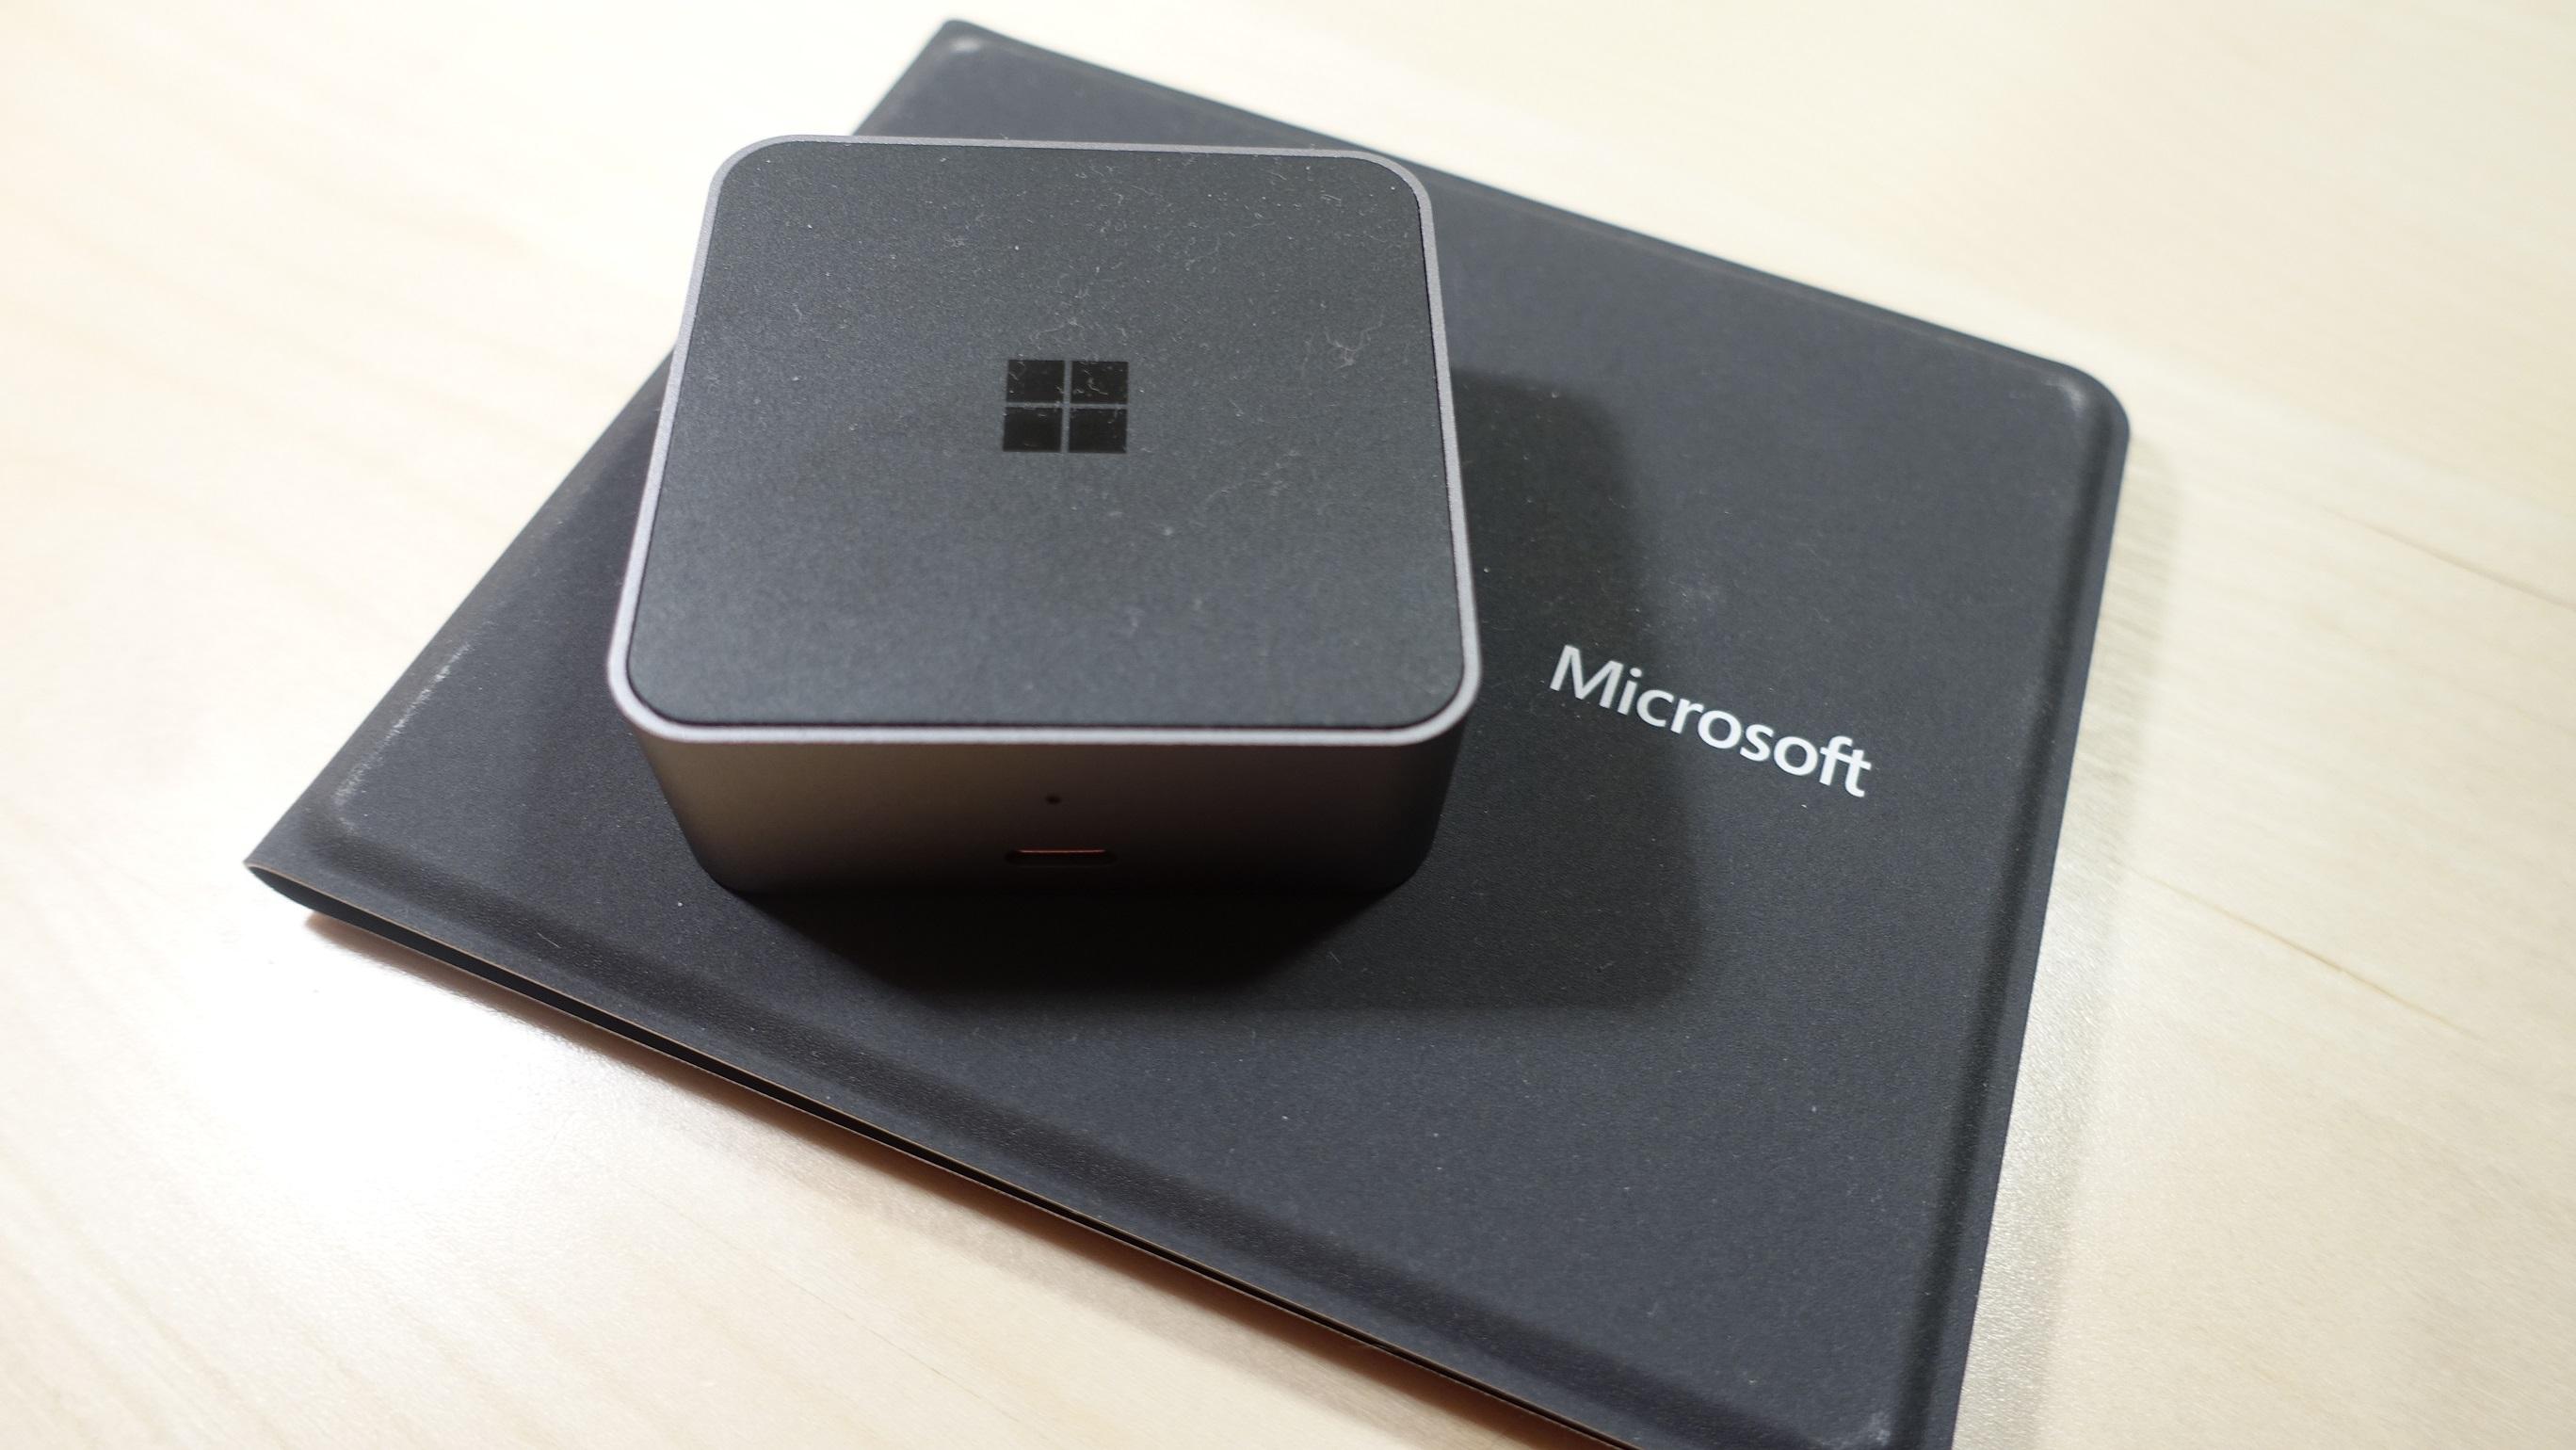 Dokken og Microsofts reisetastatur tar svært liten plass.